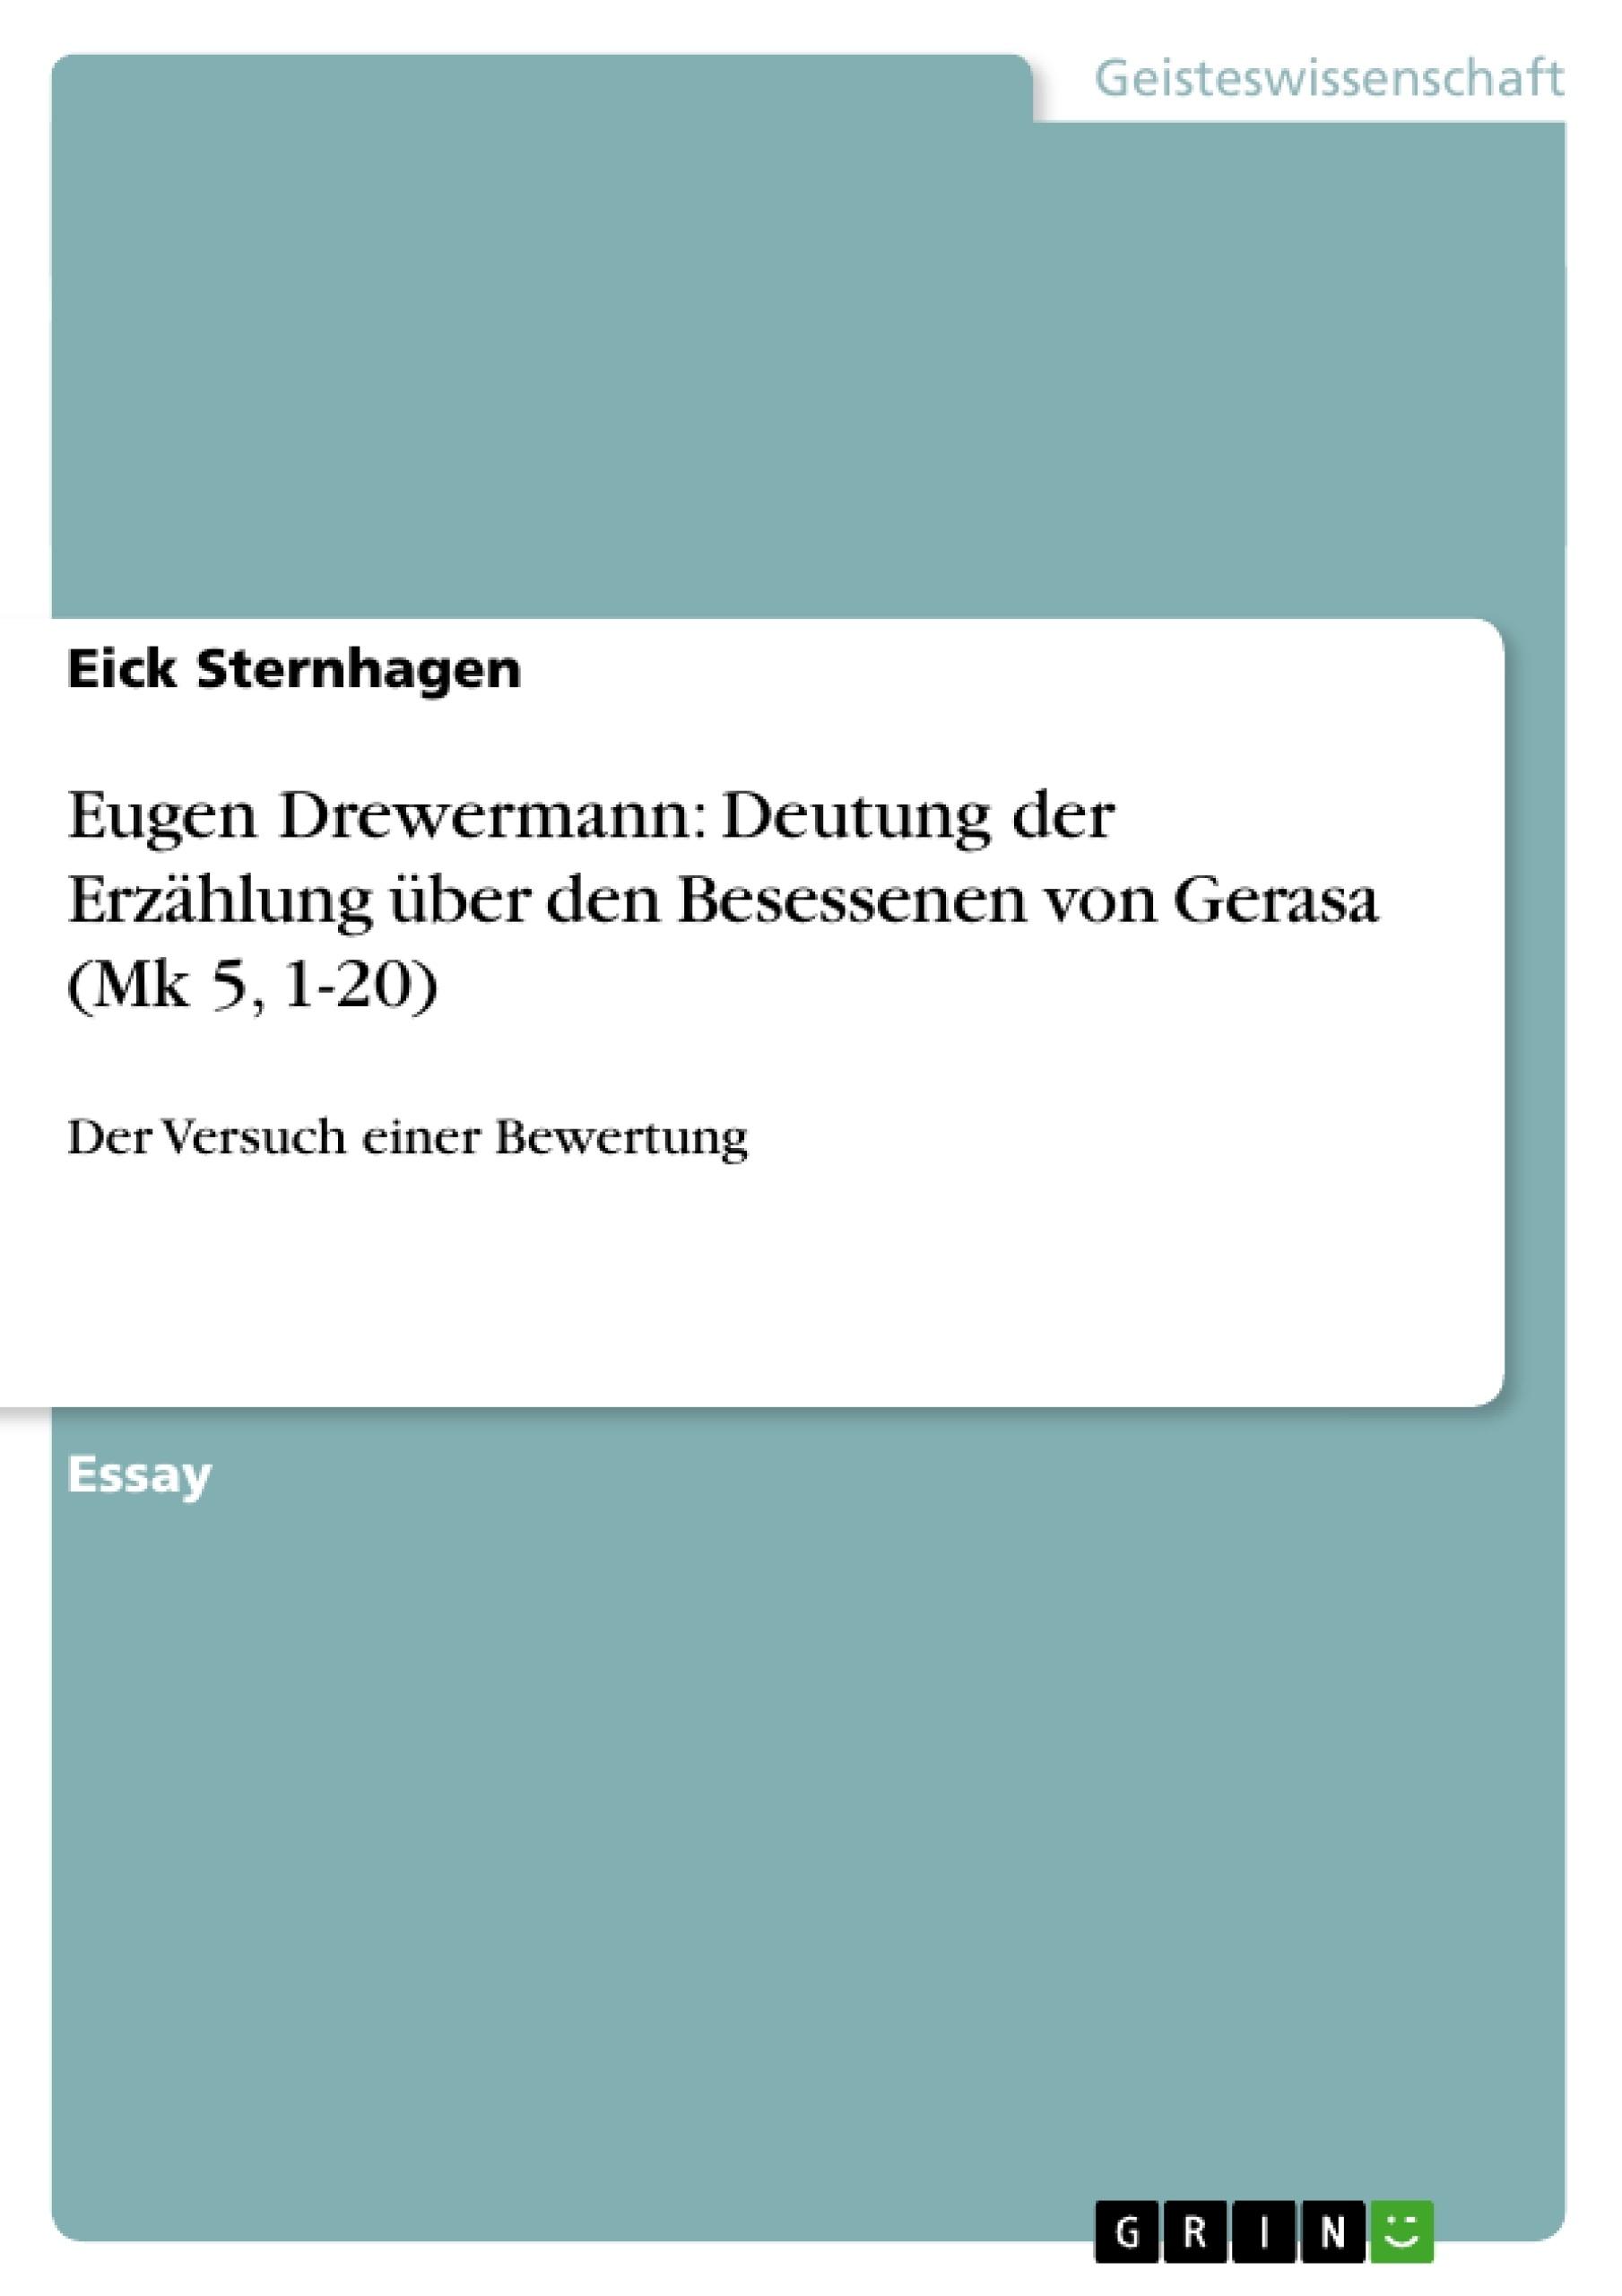 Titel: Eugen Drewermann: Deutung der Erzählung über den Besessenen von Gerasa (Mk 5, 1-20)